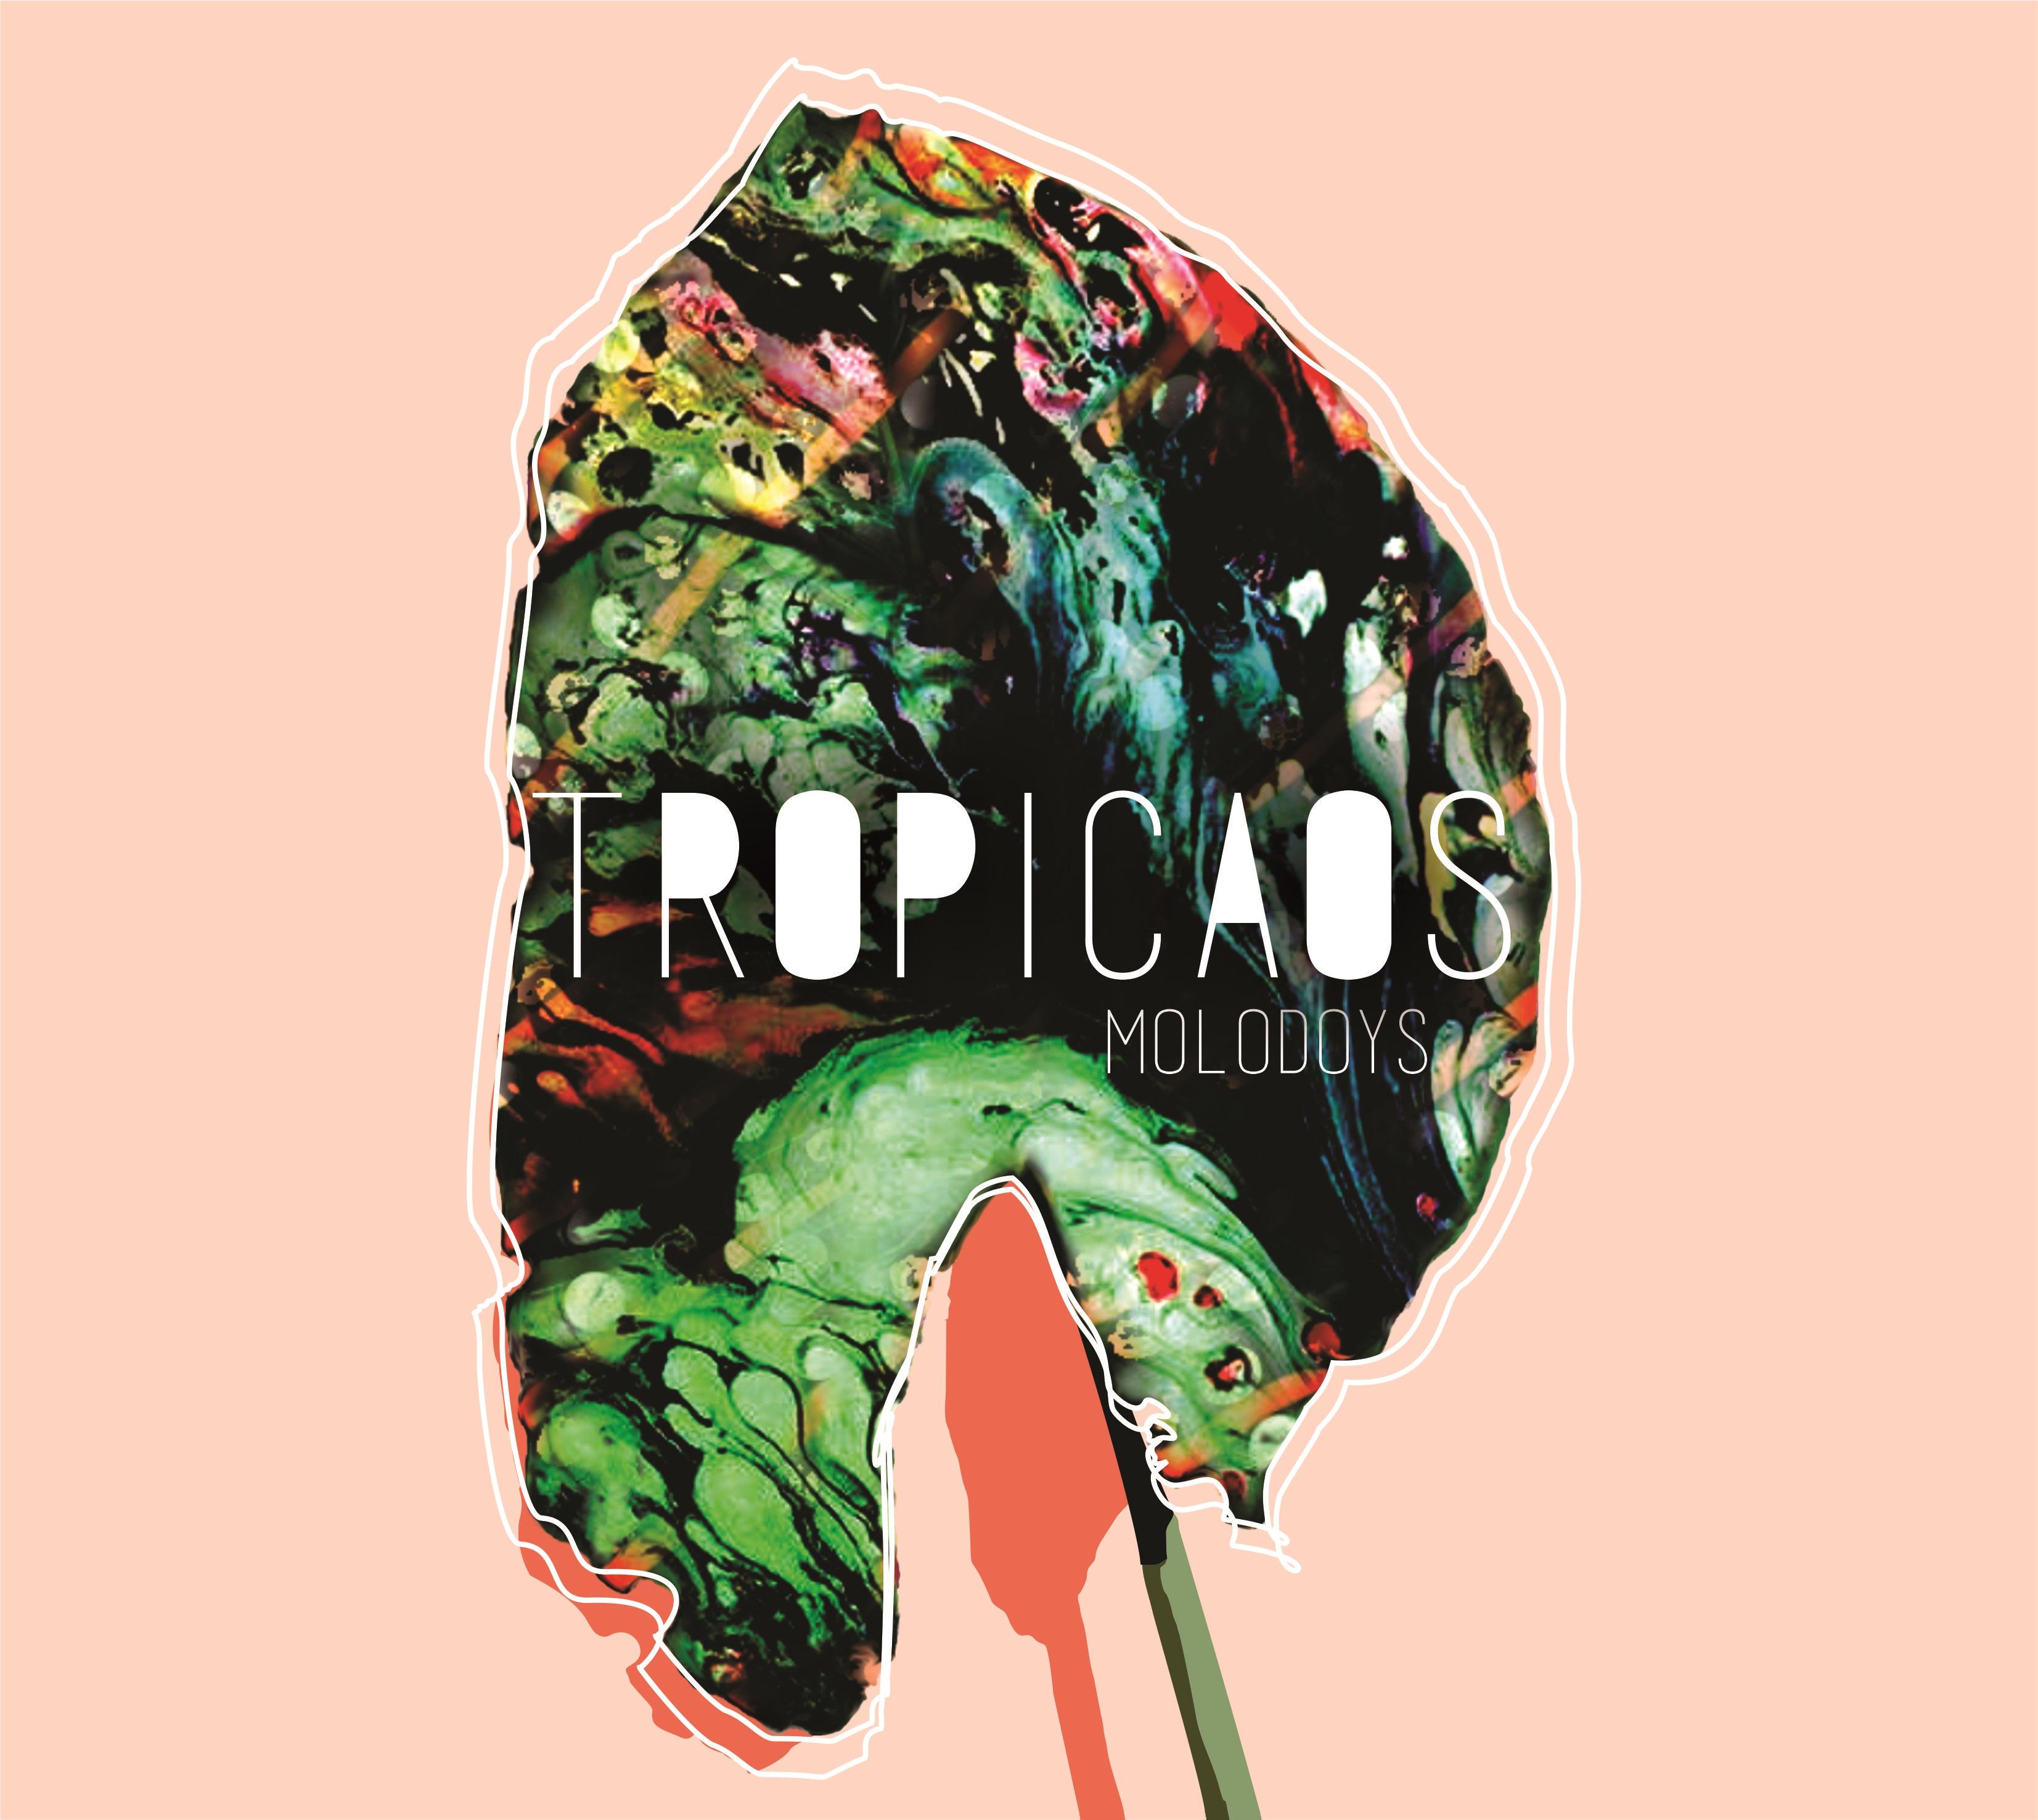 _tropicaos_cover_molodoys_2016_arte-de-camilla-merlot